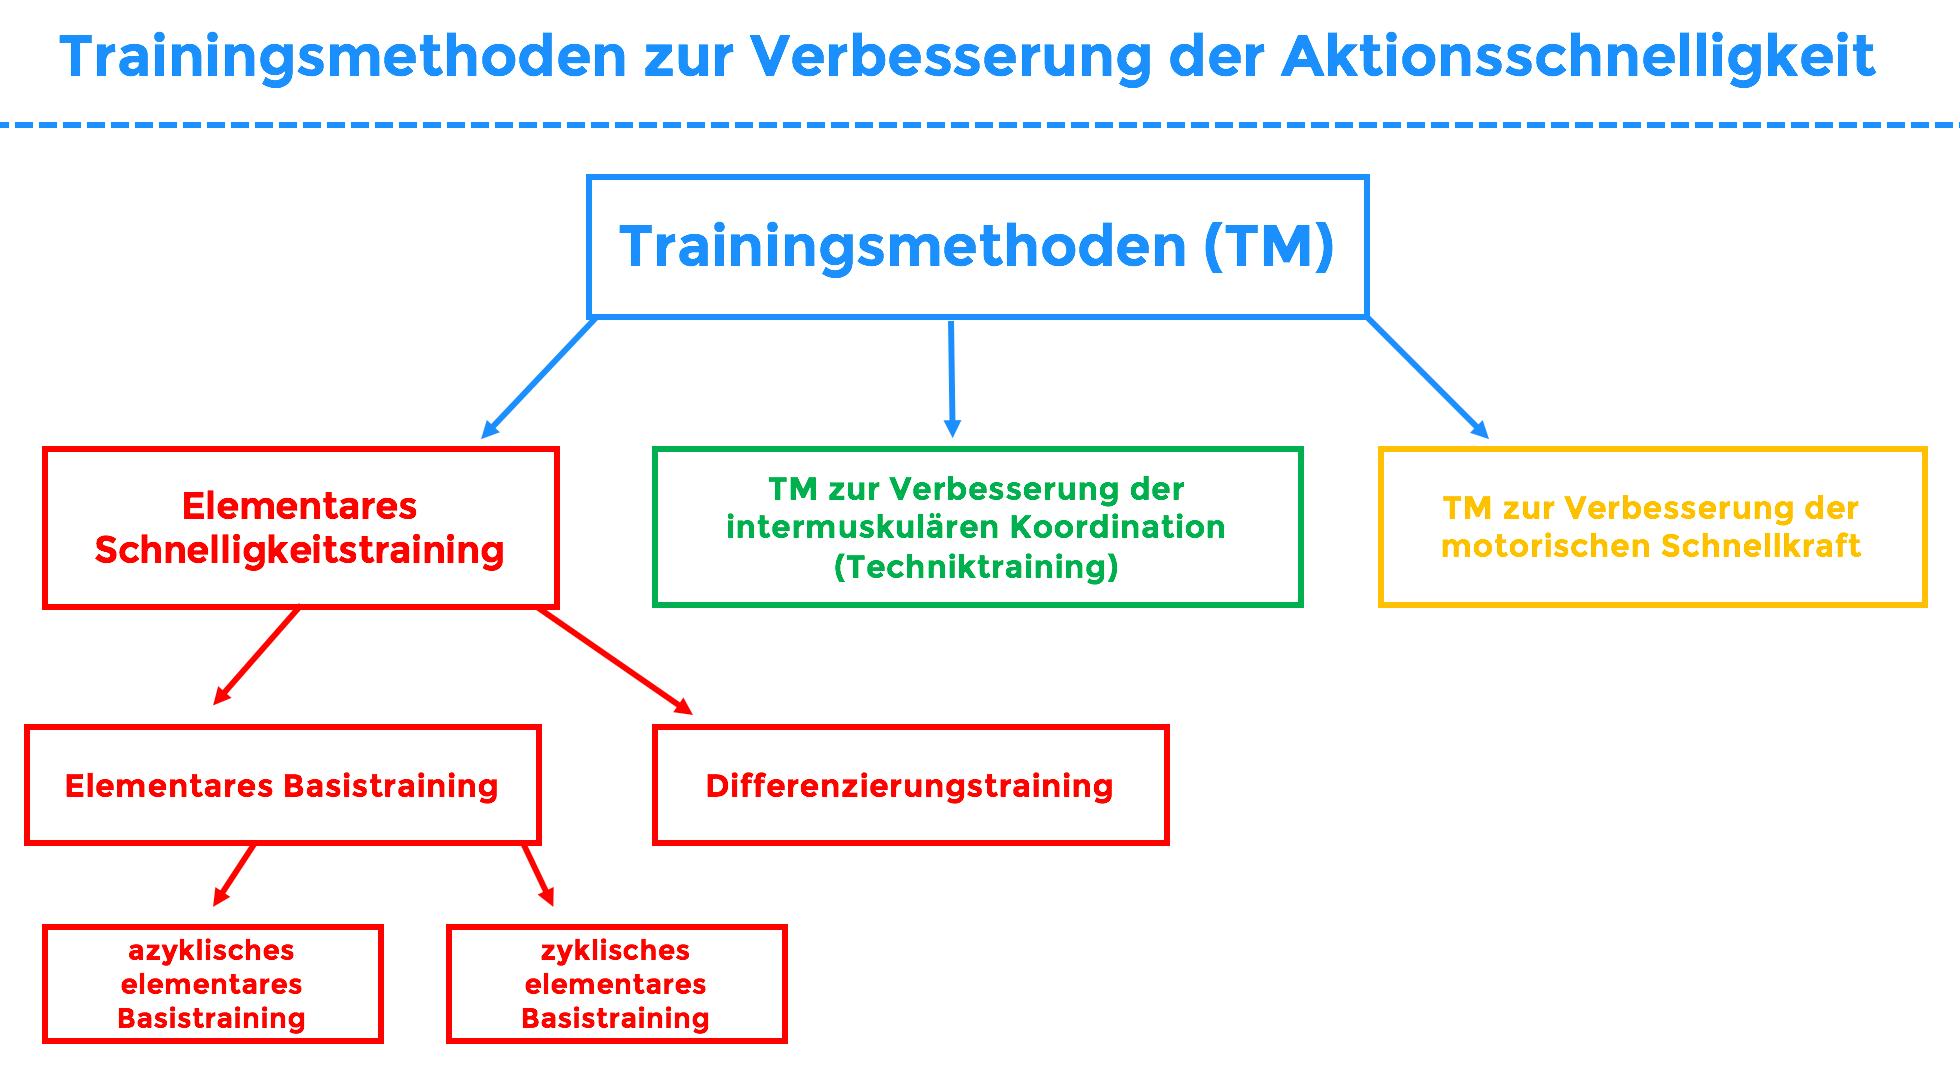 elementare schnelligkeit training